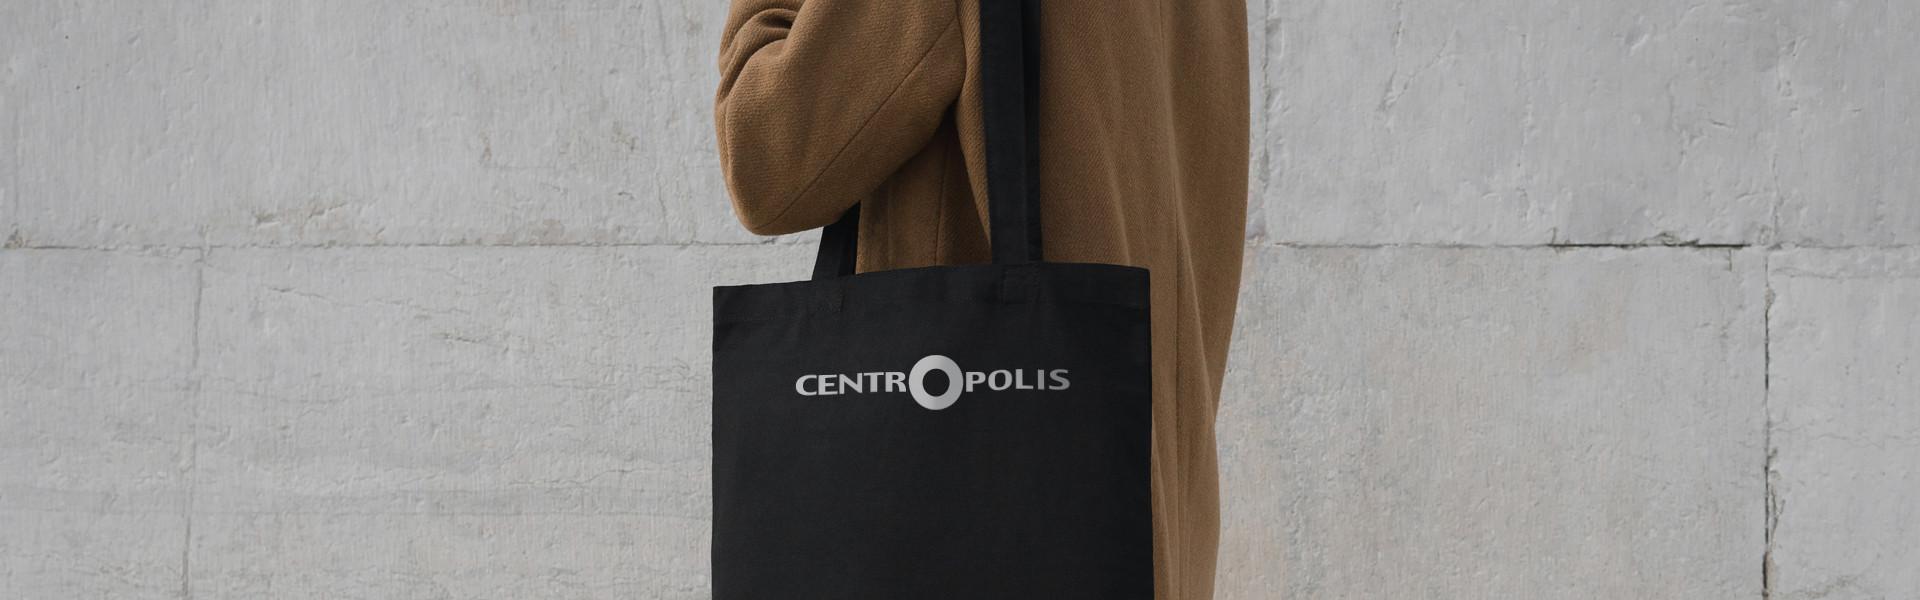 Iris - Centropolis